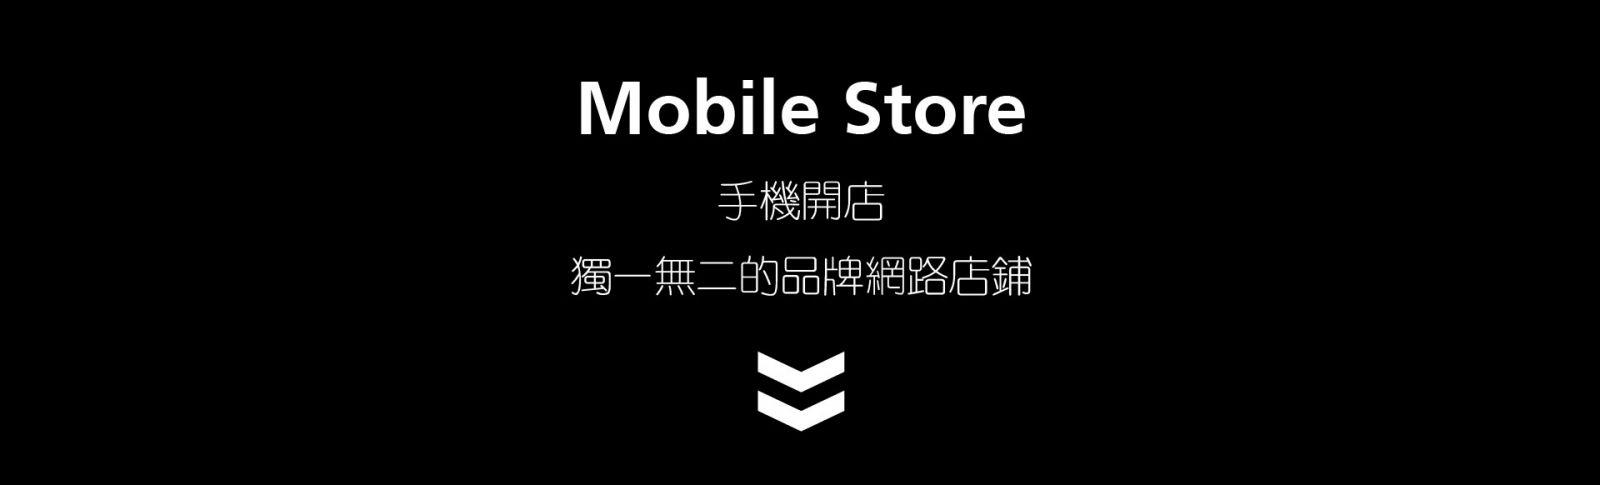 手機開店Mobile Store   獨一無二的品牌網路店鋪 影片行銷 / 社群分享 / LBS定位 結帳金流 / 訂單查詢 / 行動購物車 新品下殺 / 商品優惠 / 免費自動推播APP